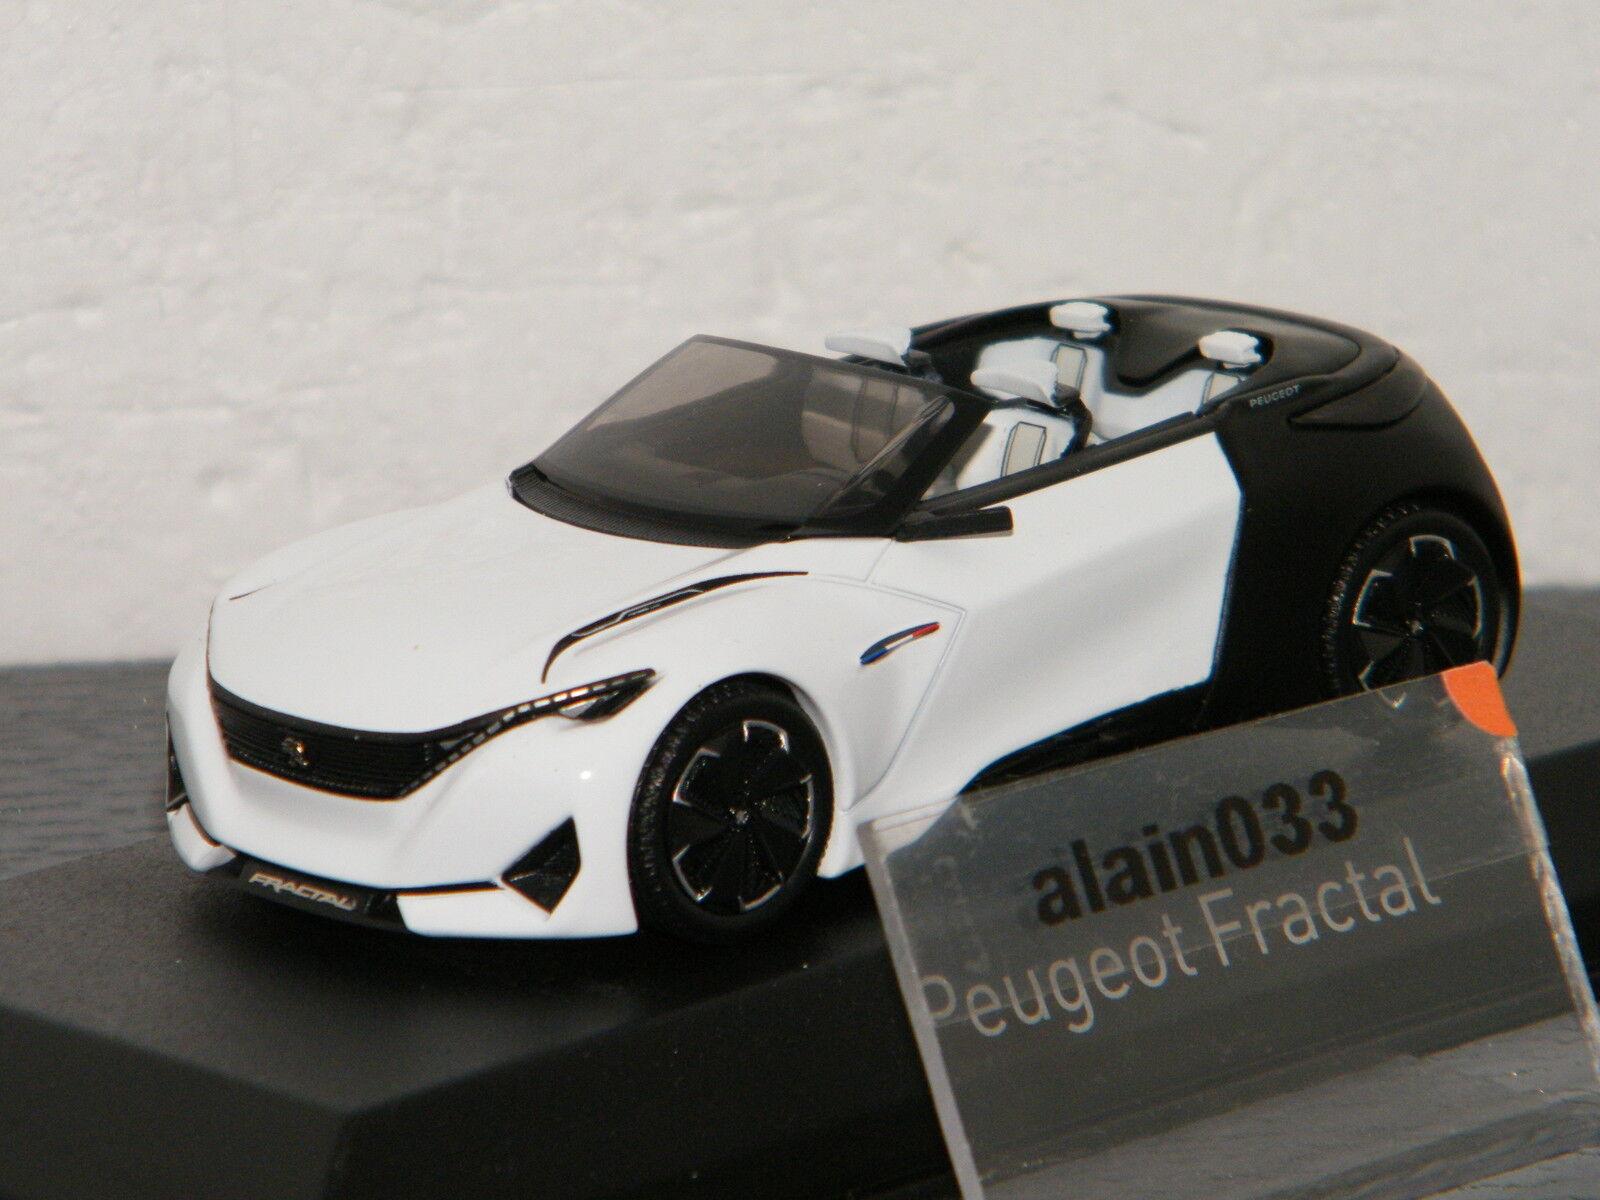 PEUGEOT Concept Car Fractal Salon de Francfort 2015 Cabrio NOREV 1 43 - 479989